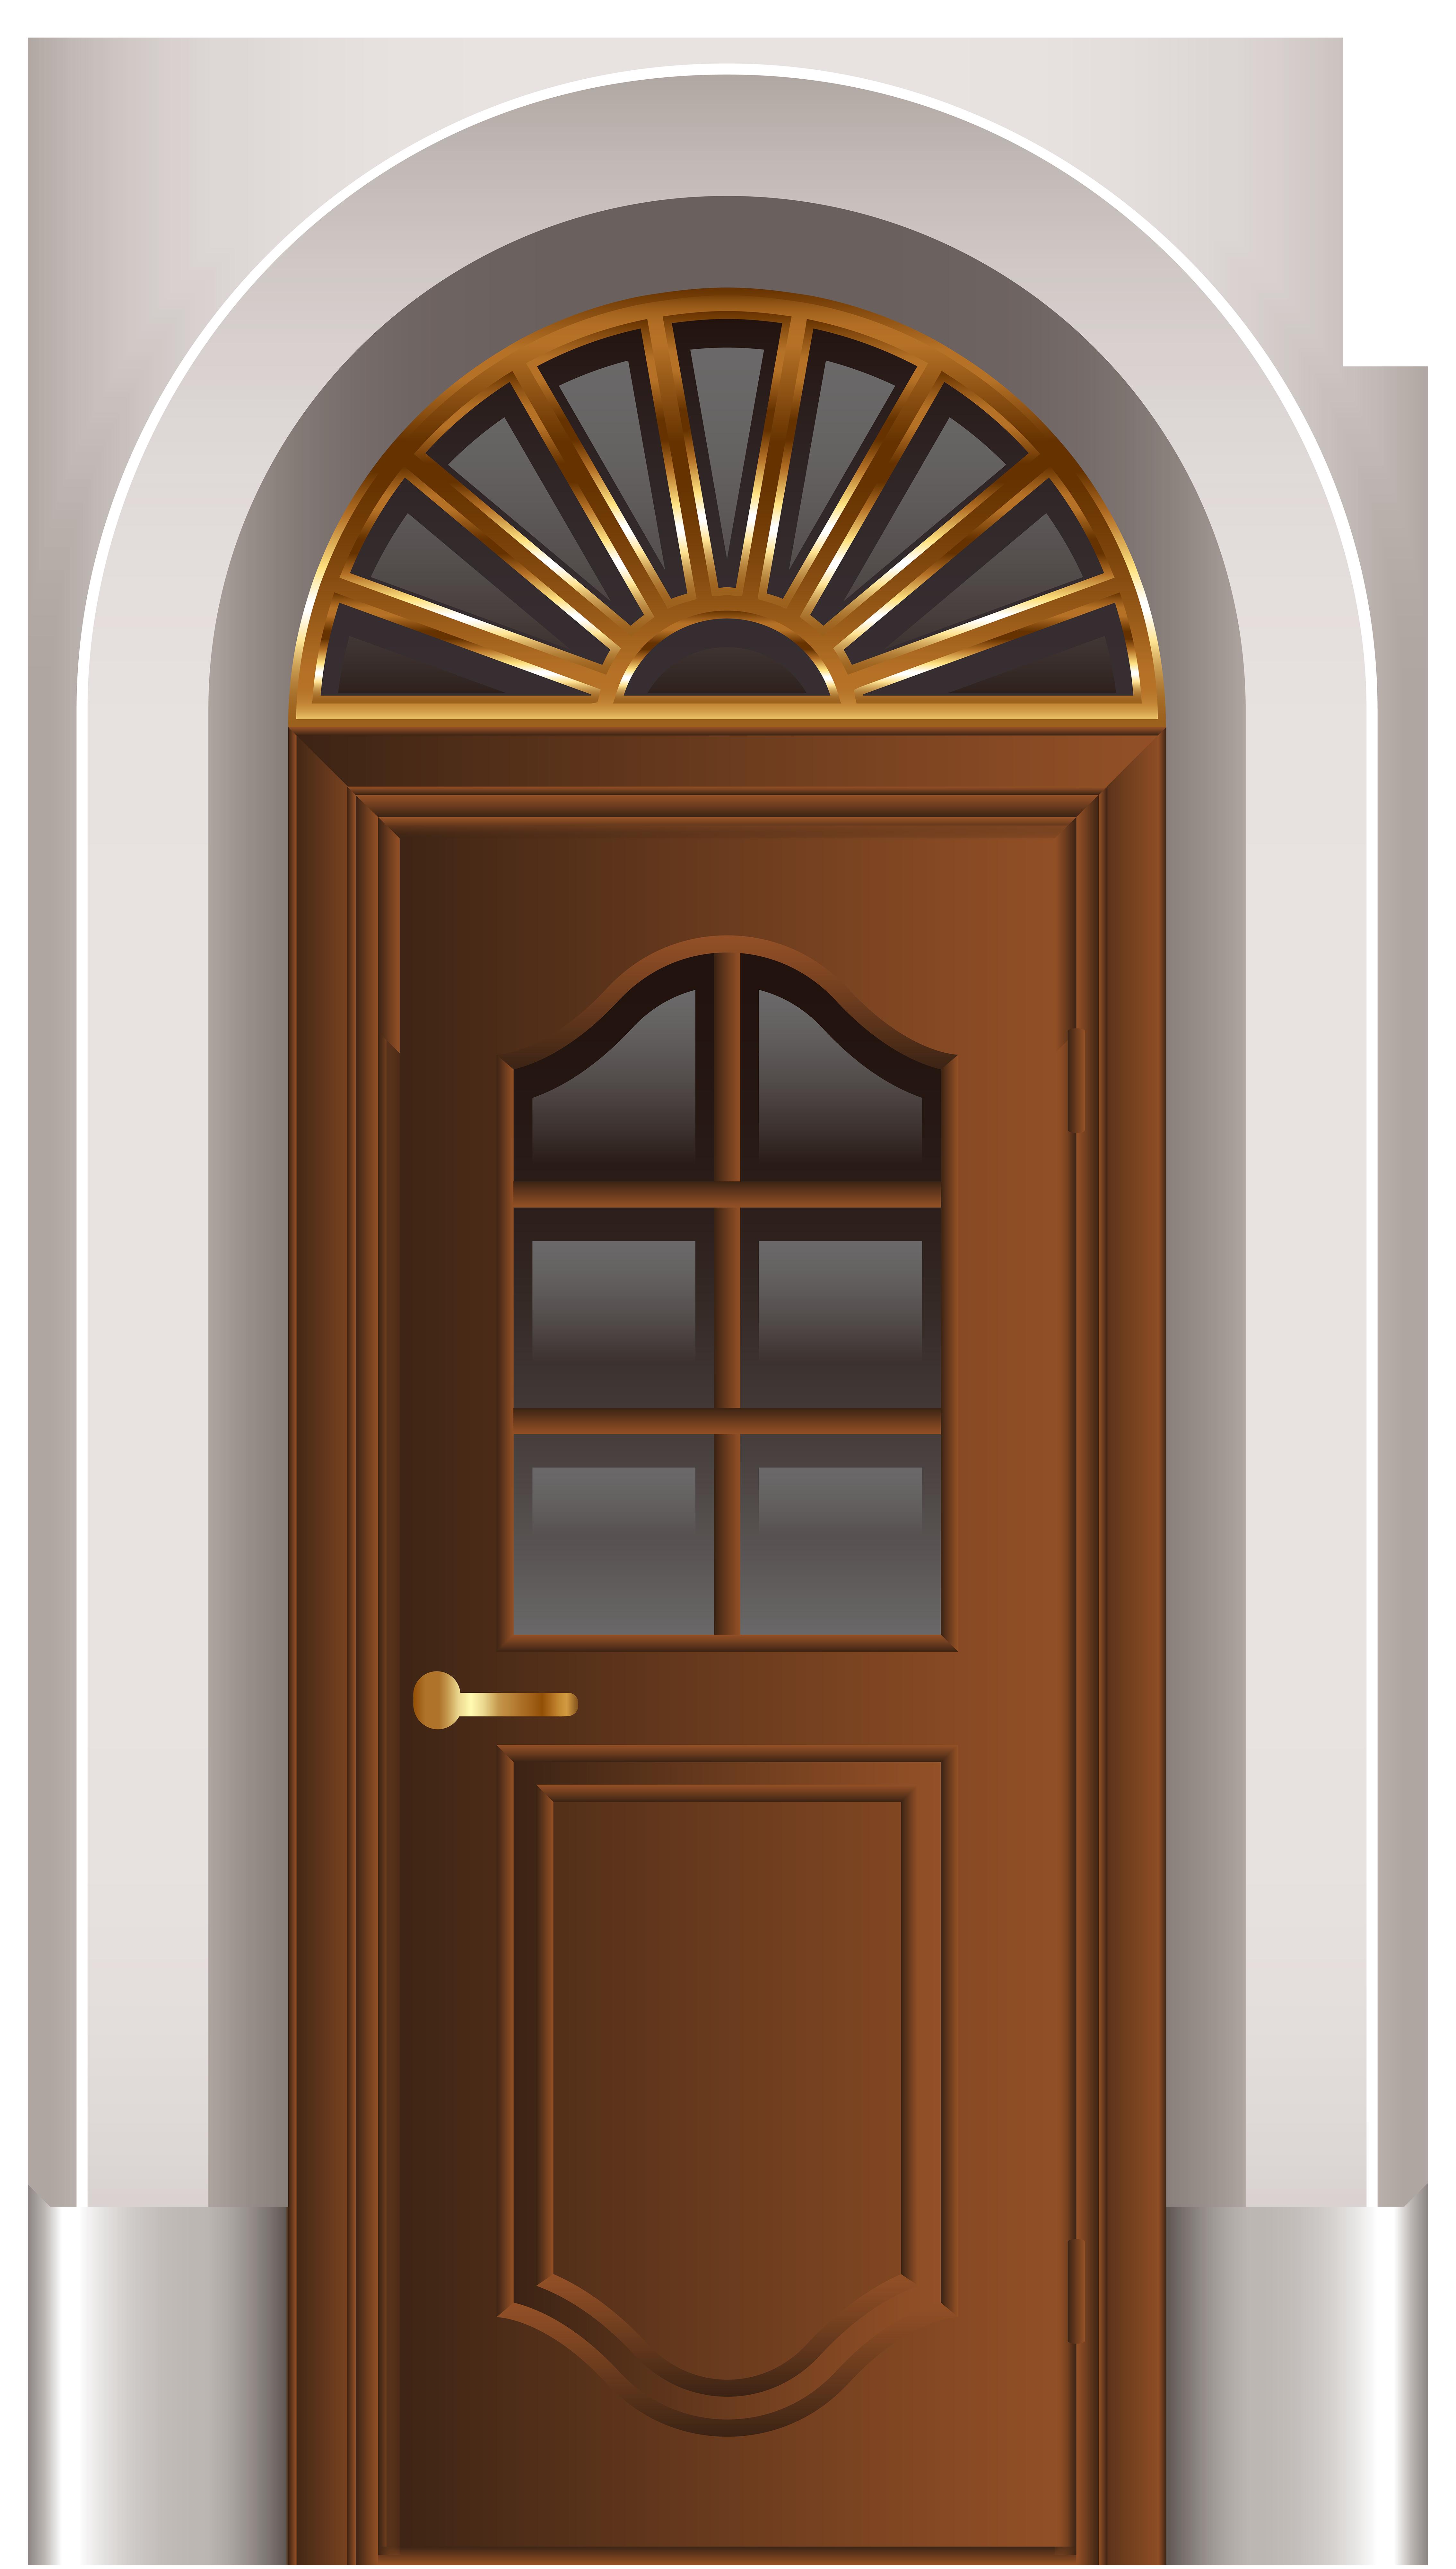 House door clipart free stock Exterior Door PNG Clipart - Best WEB Clipart free stock